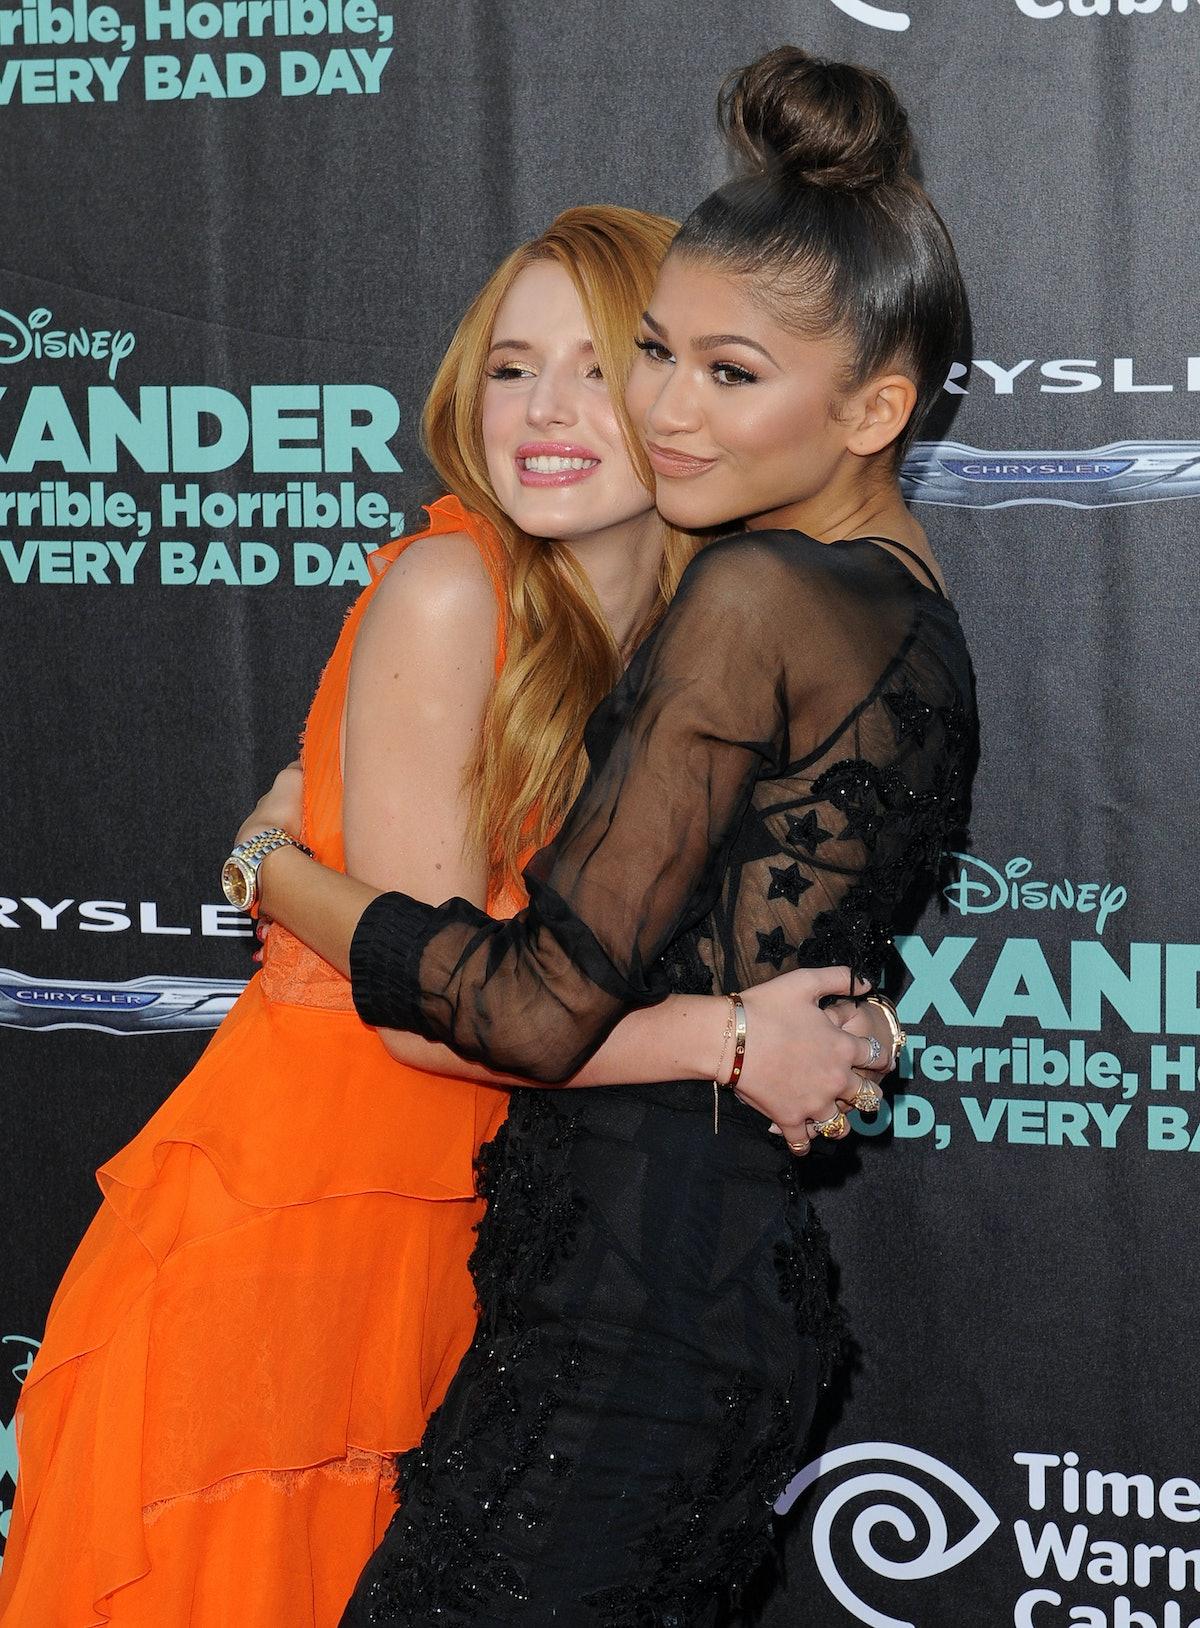 Zendaya & Bella Thorne Are Still Friends